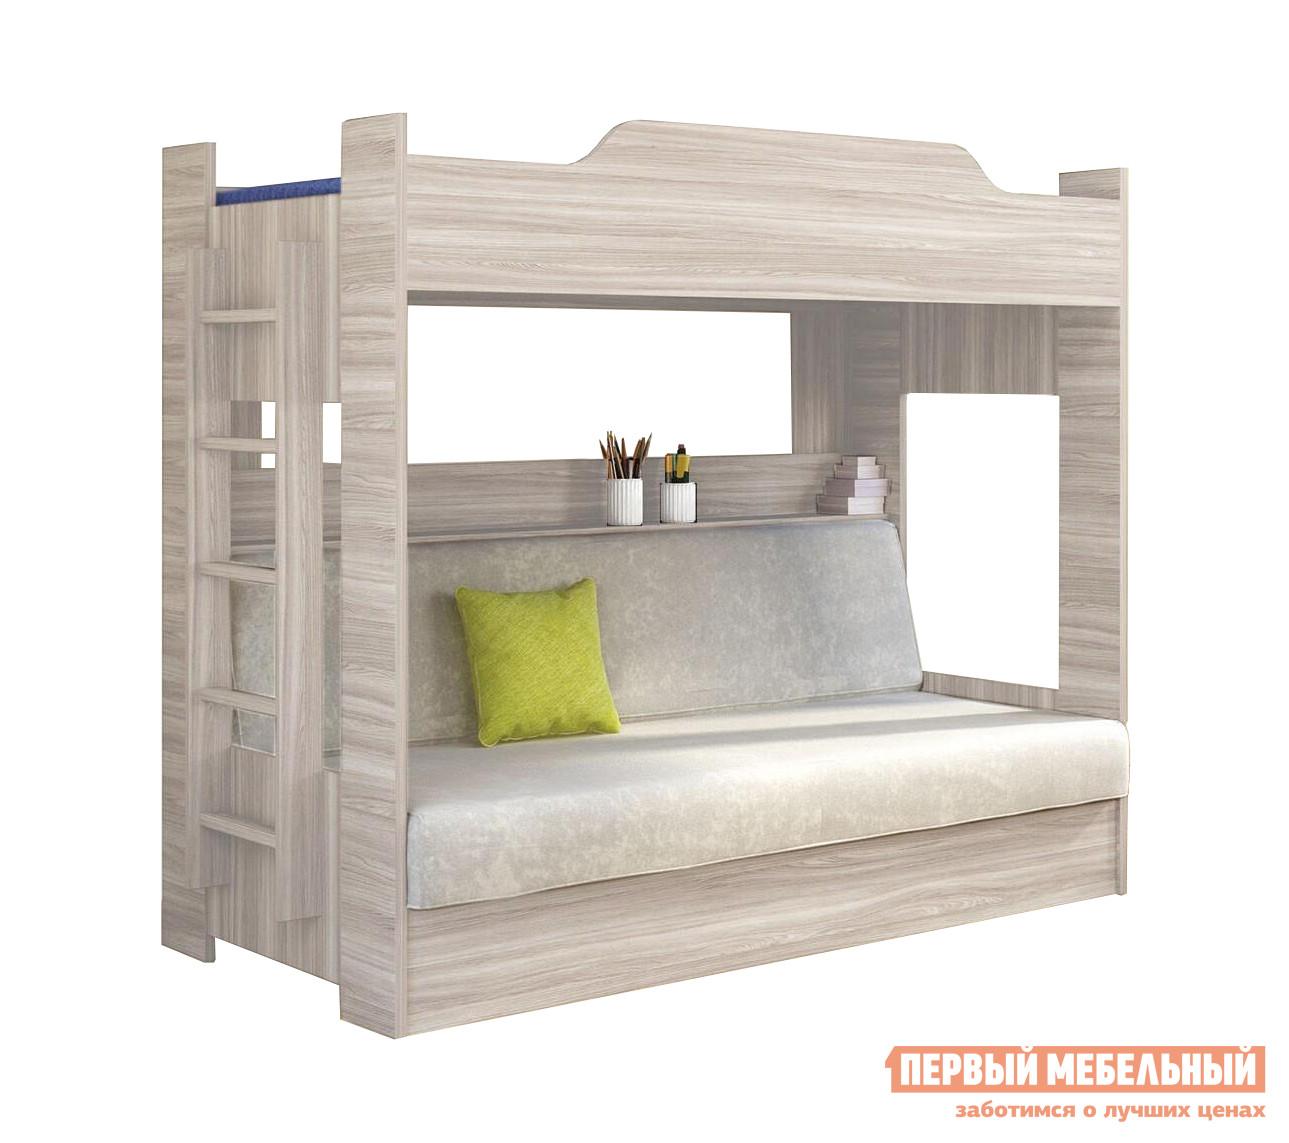 Кровать-чердак Боровичи Двухъярусная кровать клик-клак кровать двухъярусная мебельсон алиса кровать двухъярусная